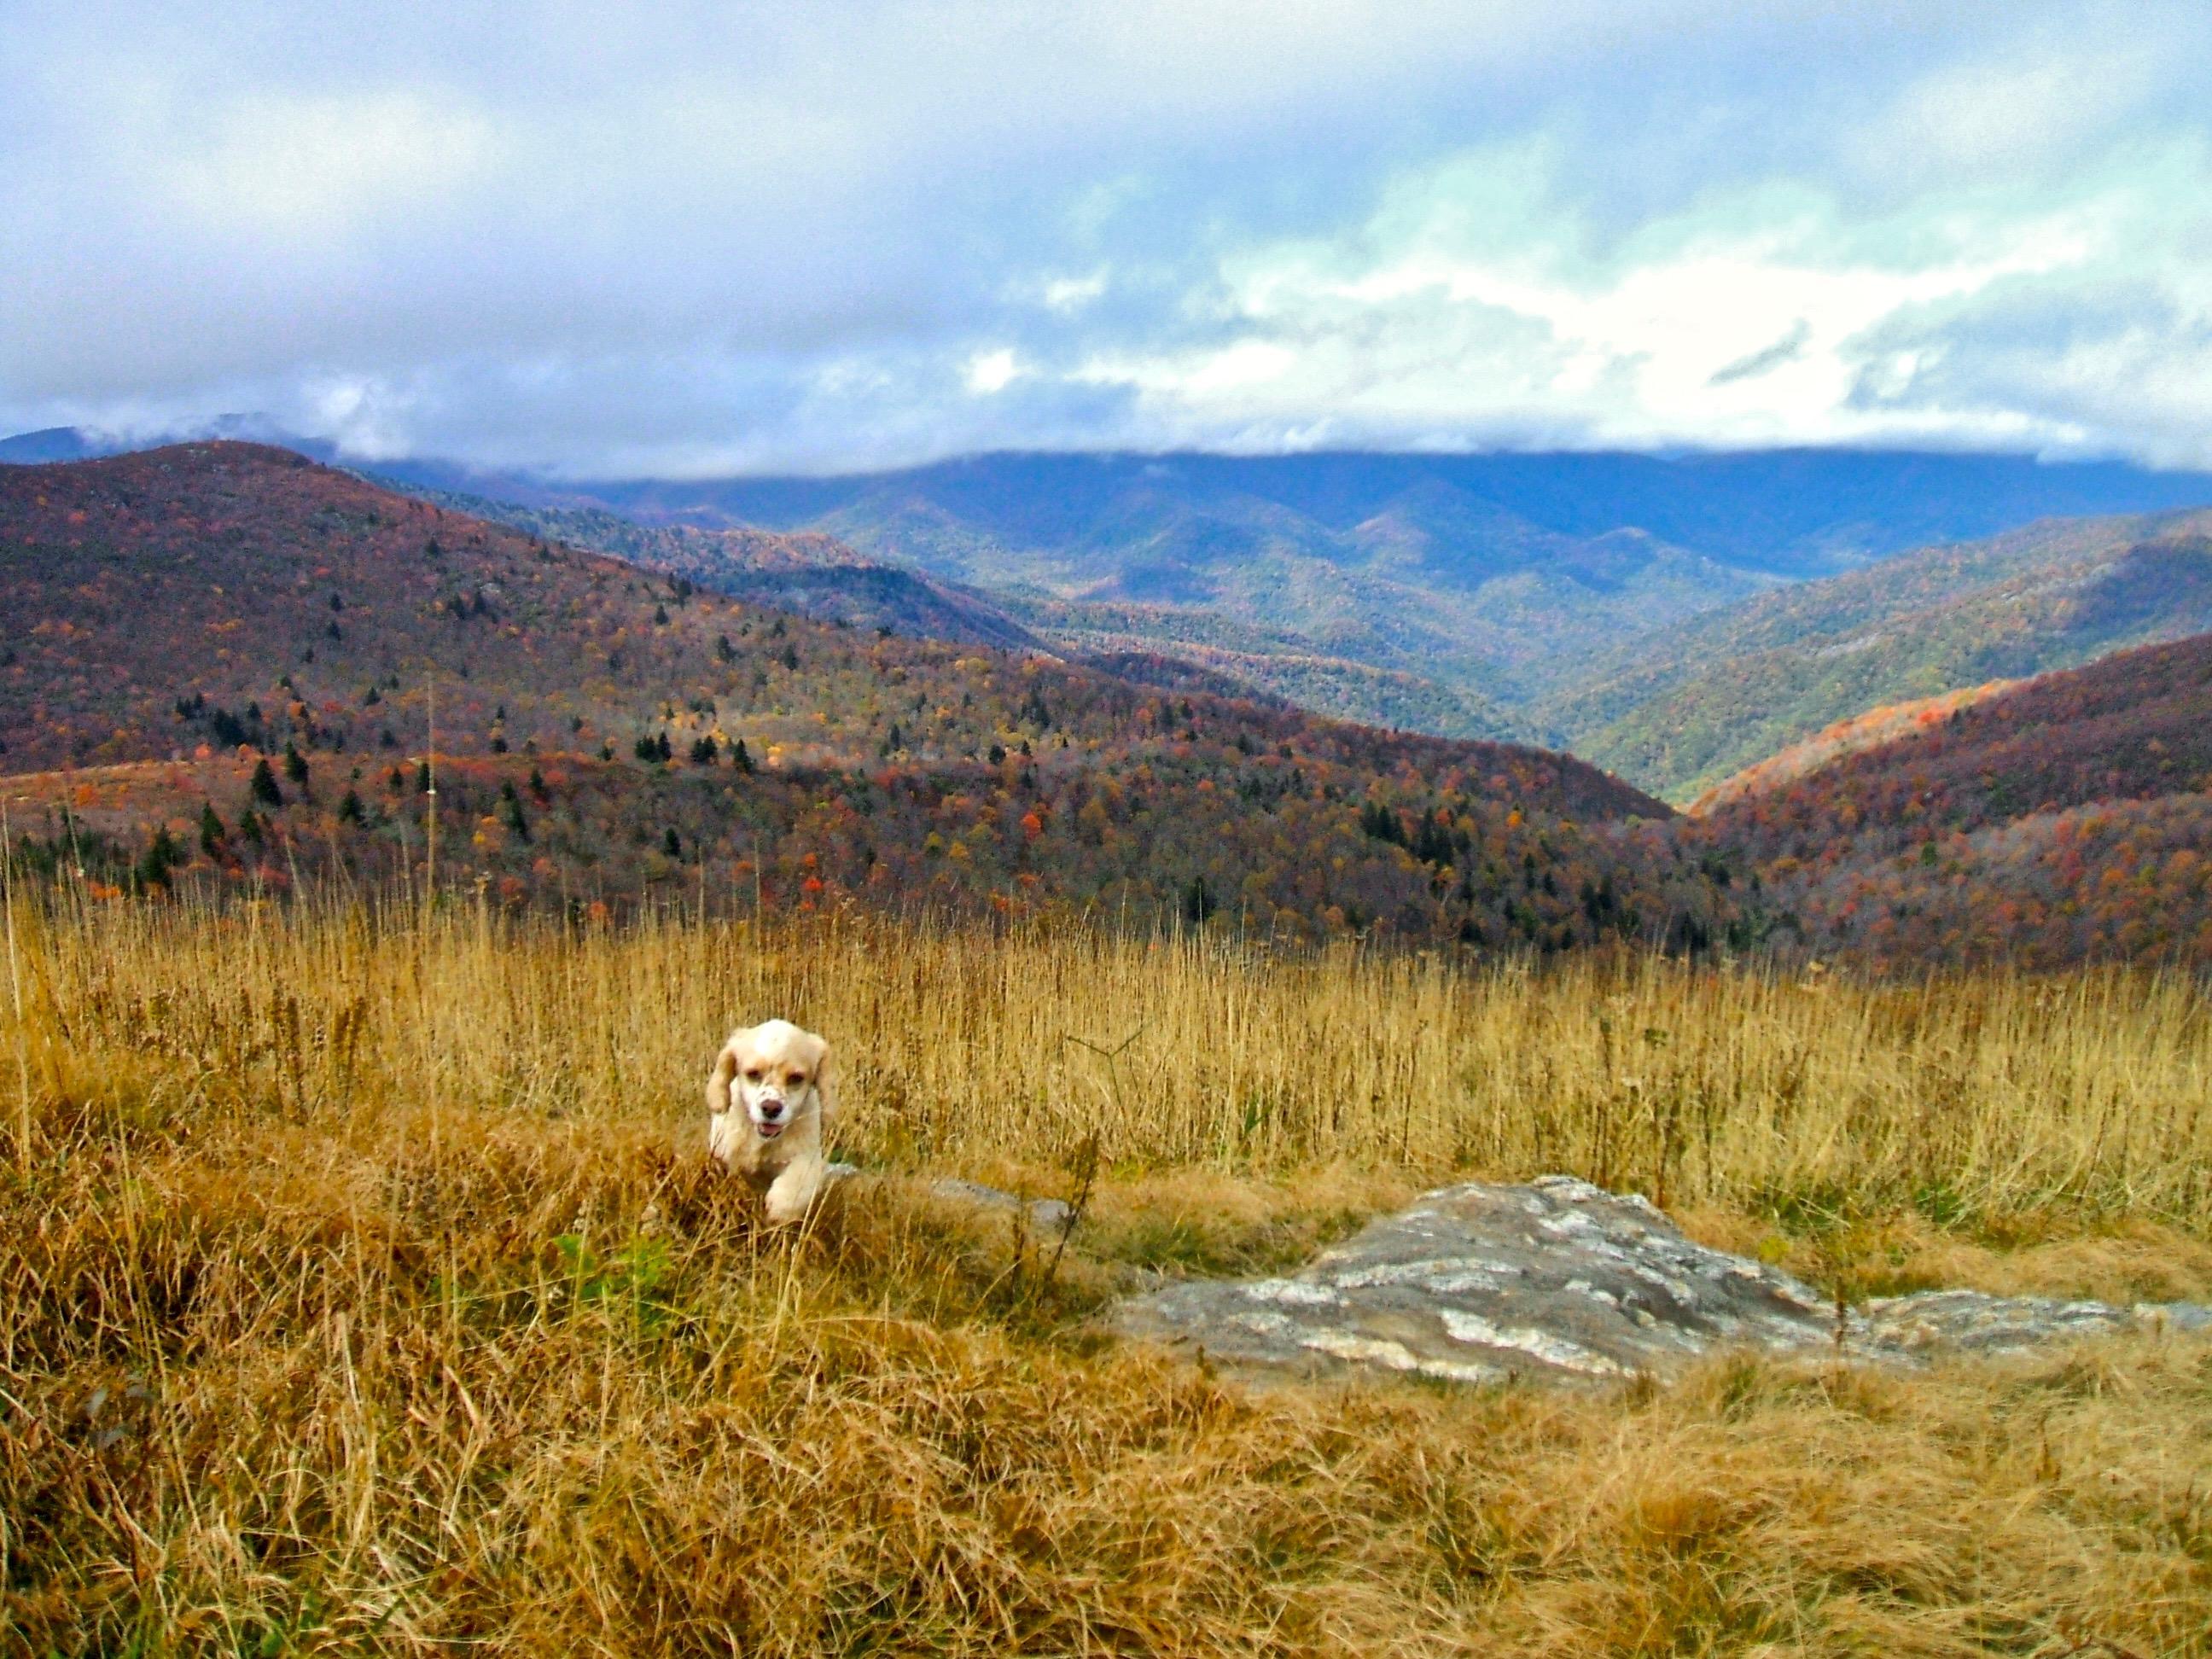 Dog bounding across tall grass on a ridge.